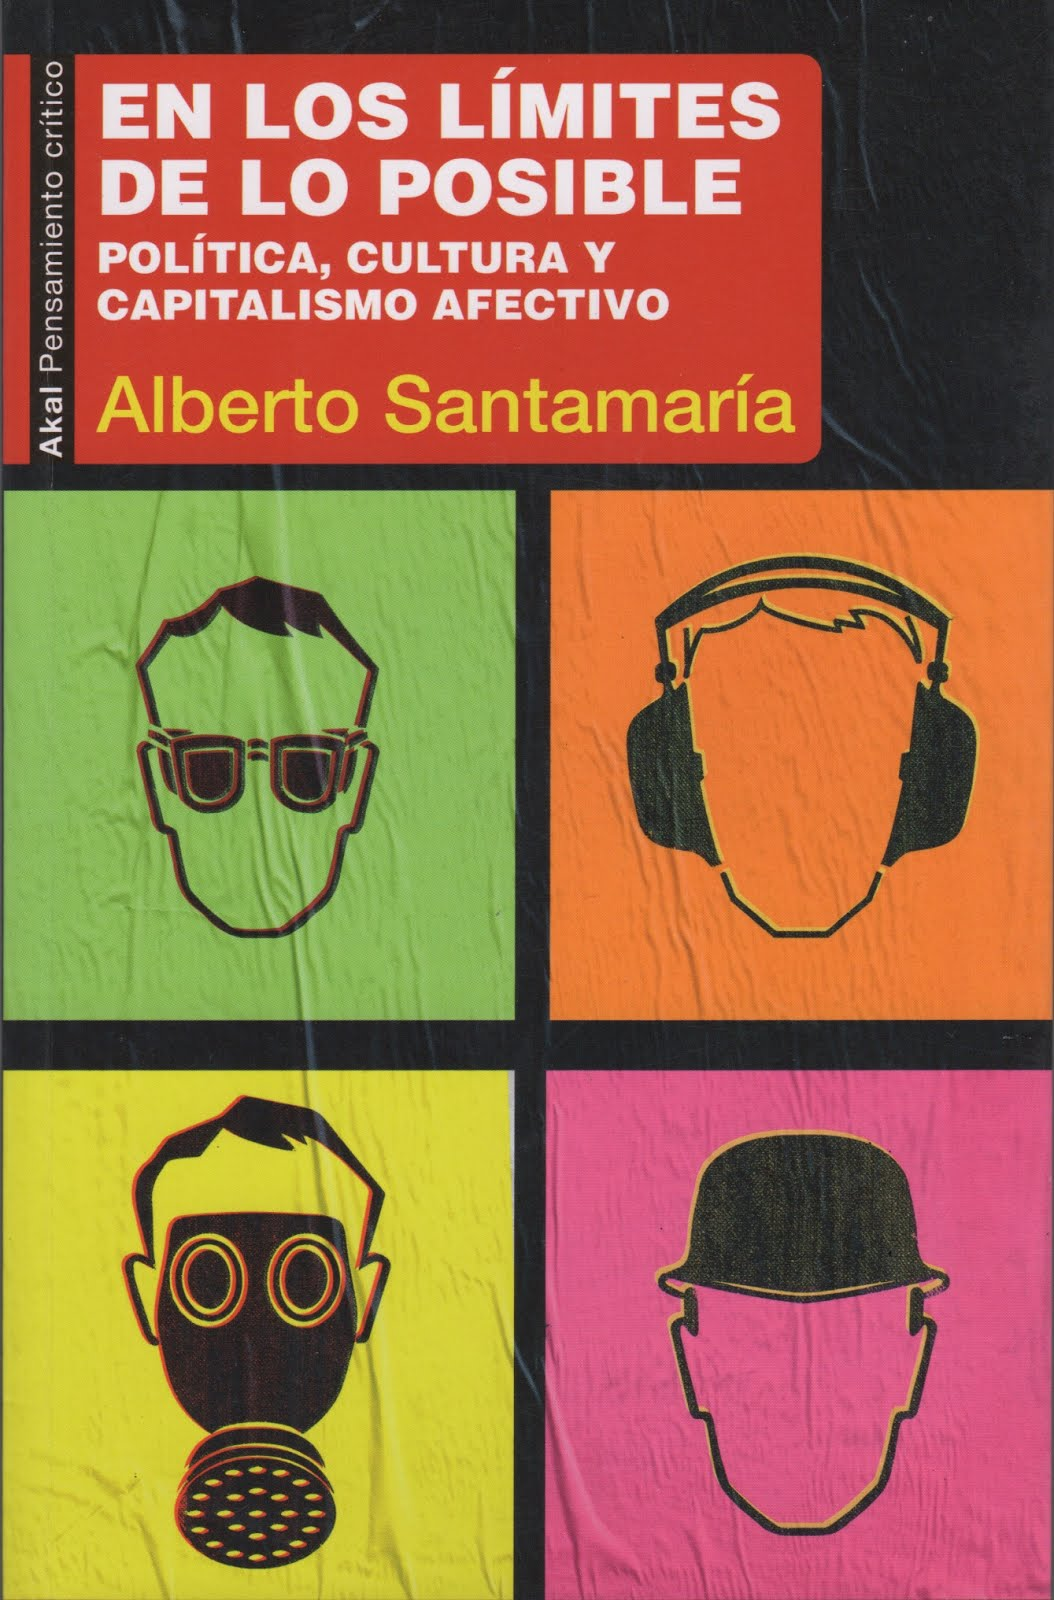 Alberto Santamaría (En los límites de lo posible) Política, cultura y capitalismo afectivo